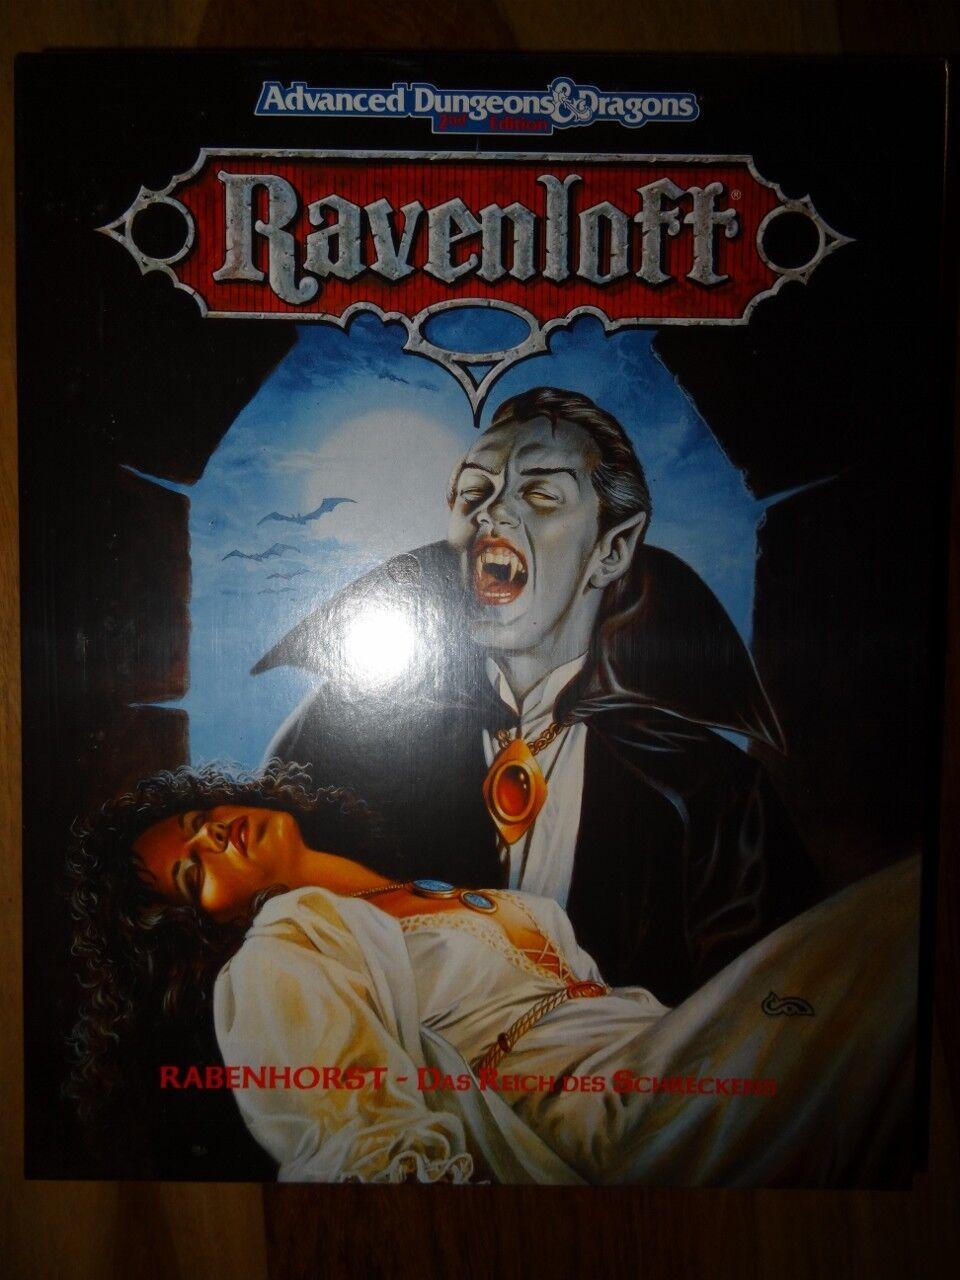 Ravenloft - Rabenhorst - NEU noch in Folie eingeschwhitet (AD&D, TSR)